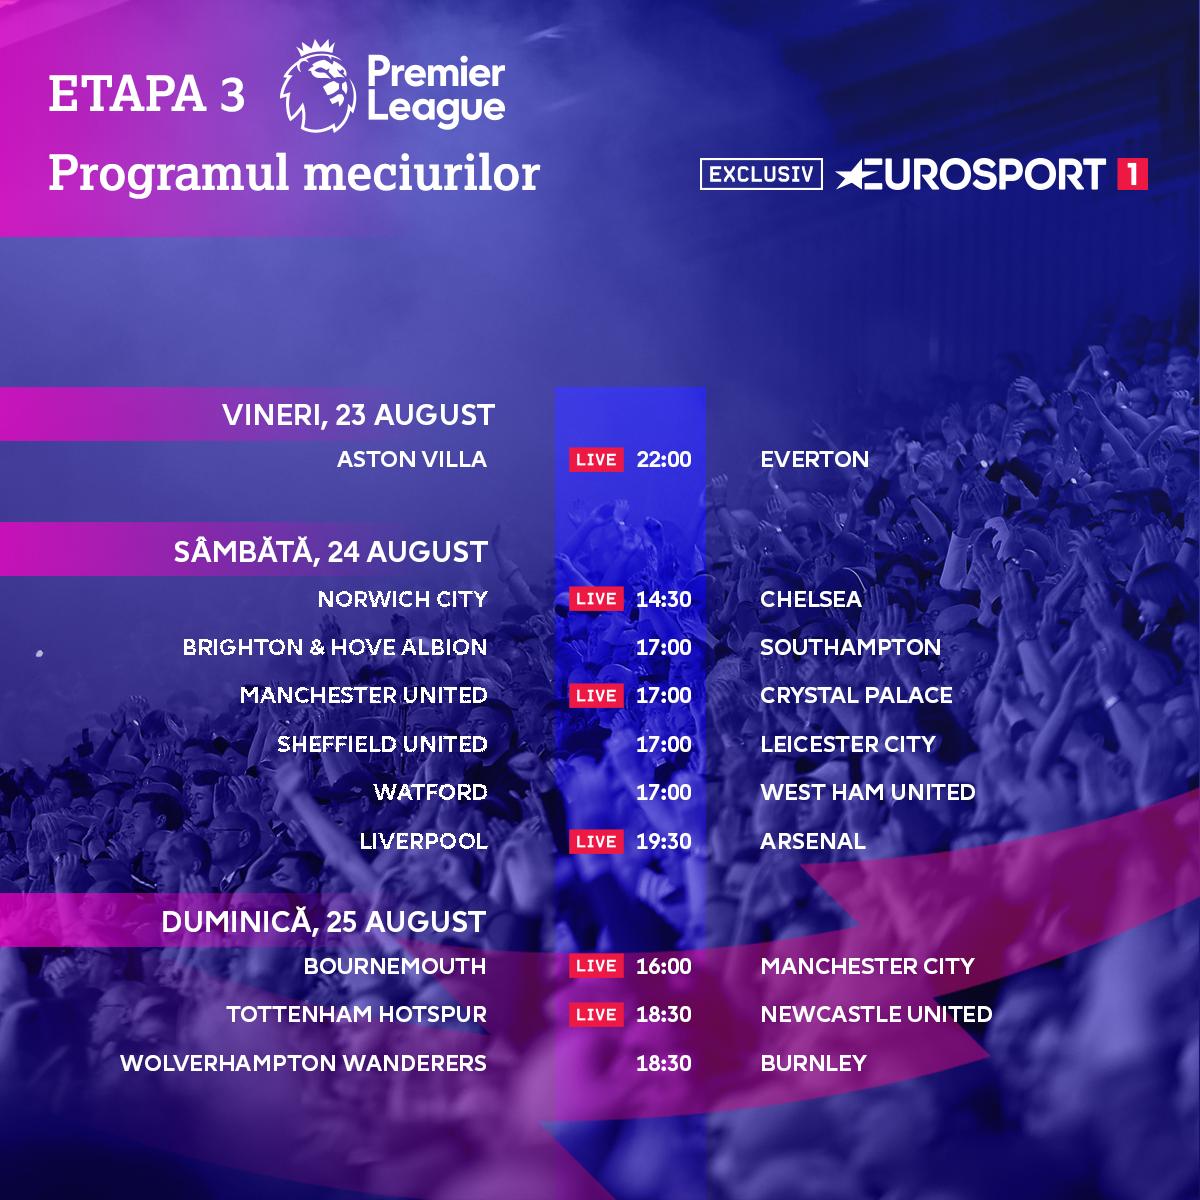 Premier League 2019-2020: Fixtures Round 3